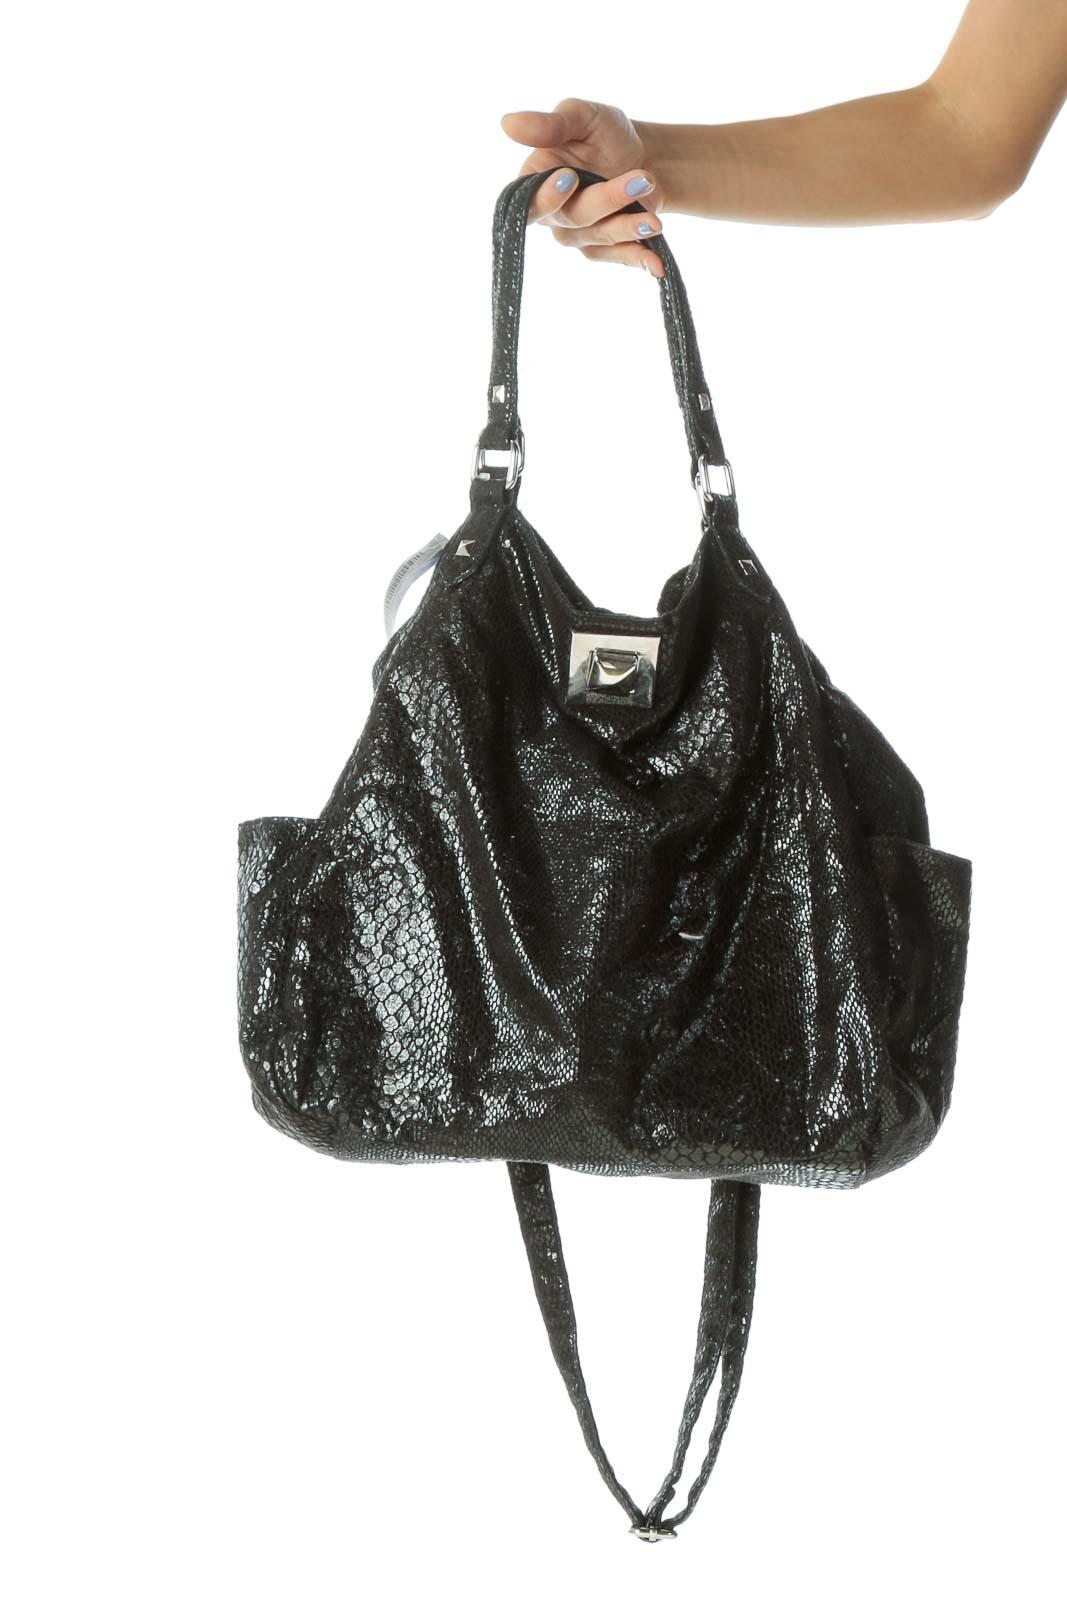 Black Shiny Snake Print Textured Shoulder Bag Front